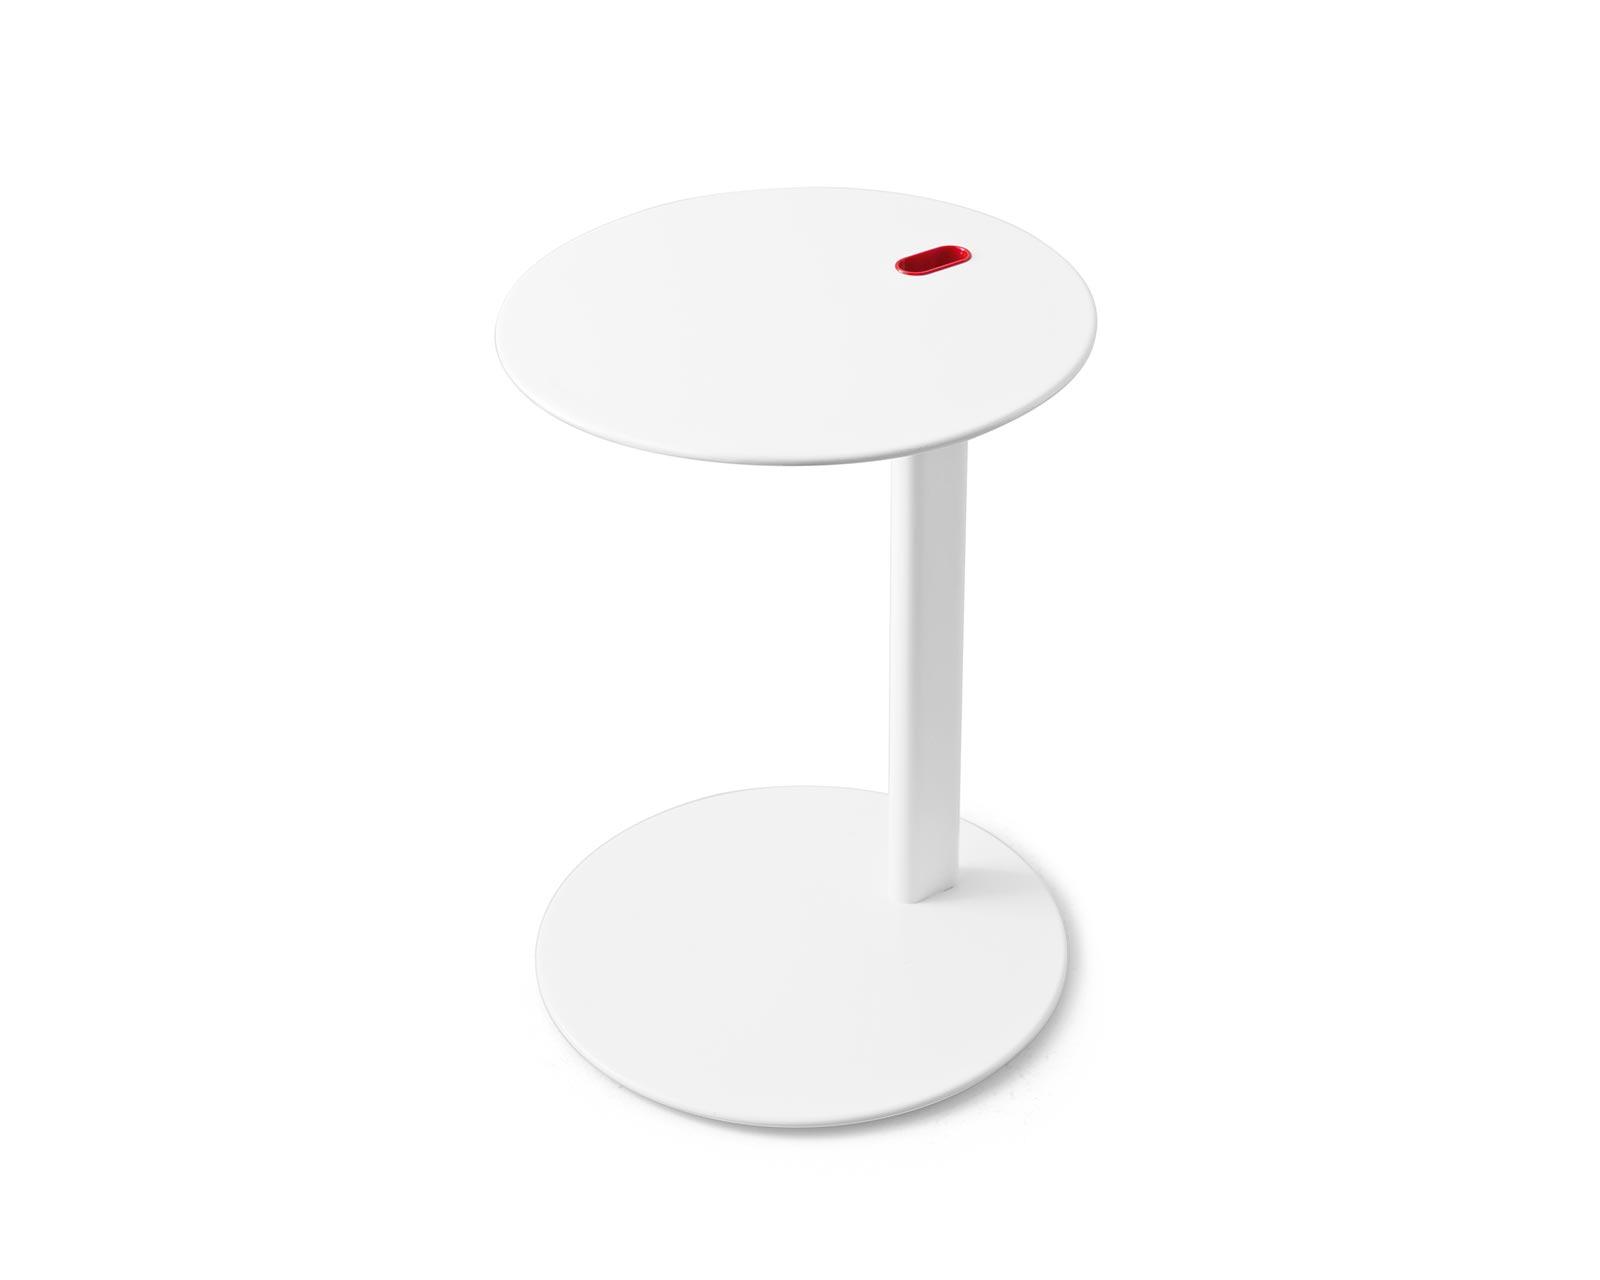 Tavolino Element Calligaris Prezzo.Tavolini E Complementi Tender